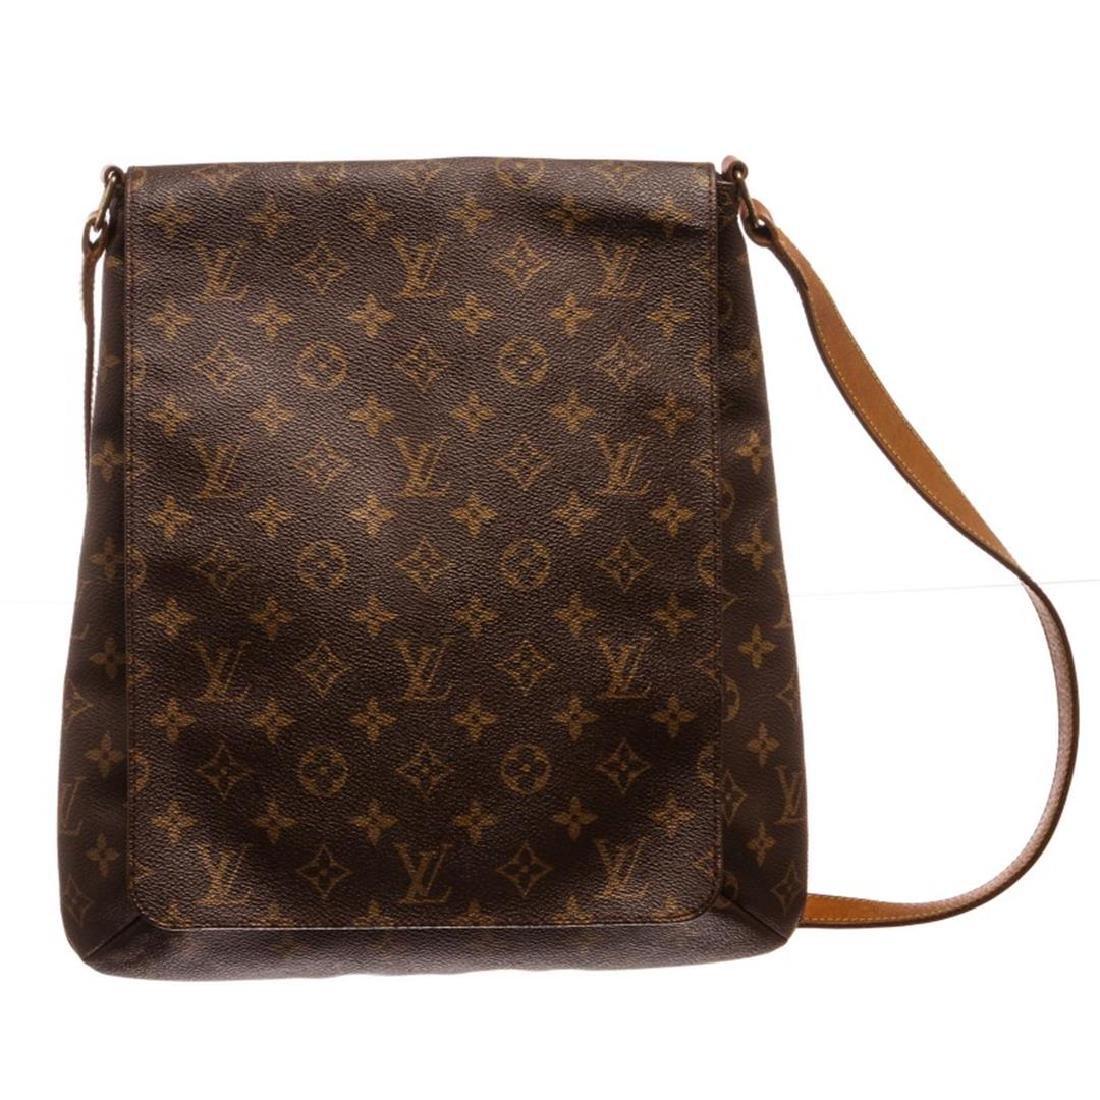 Louis Vuitton Monogram Canvas Leather Salsa GM Bag